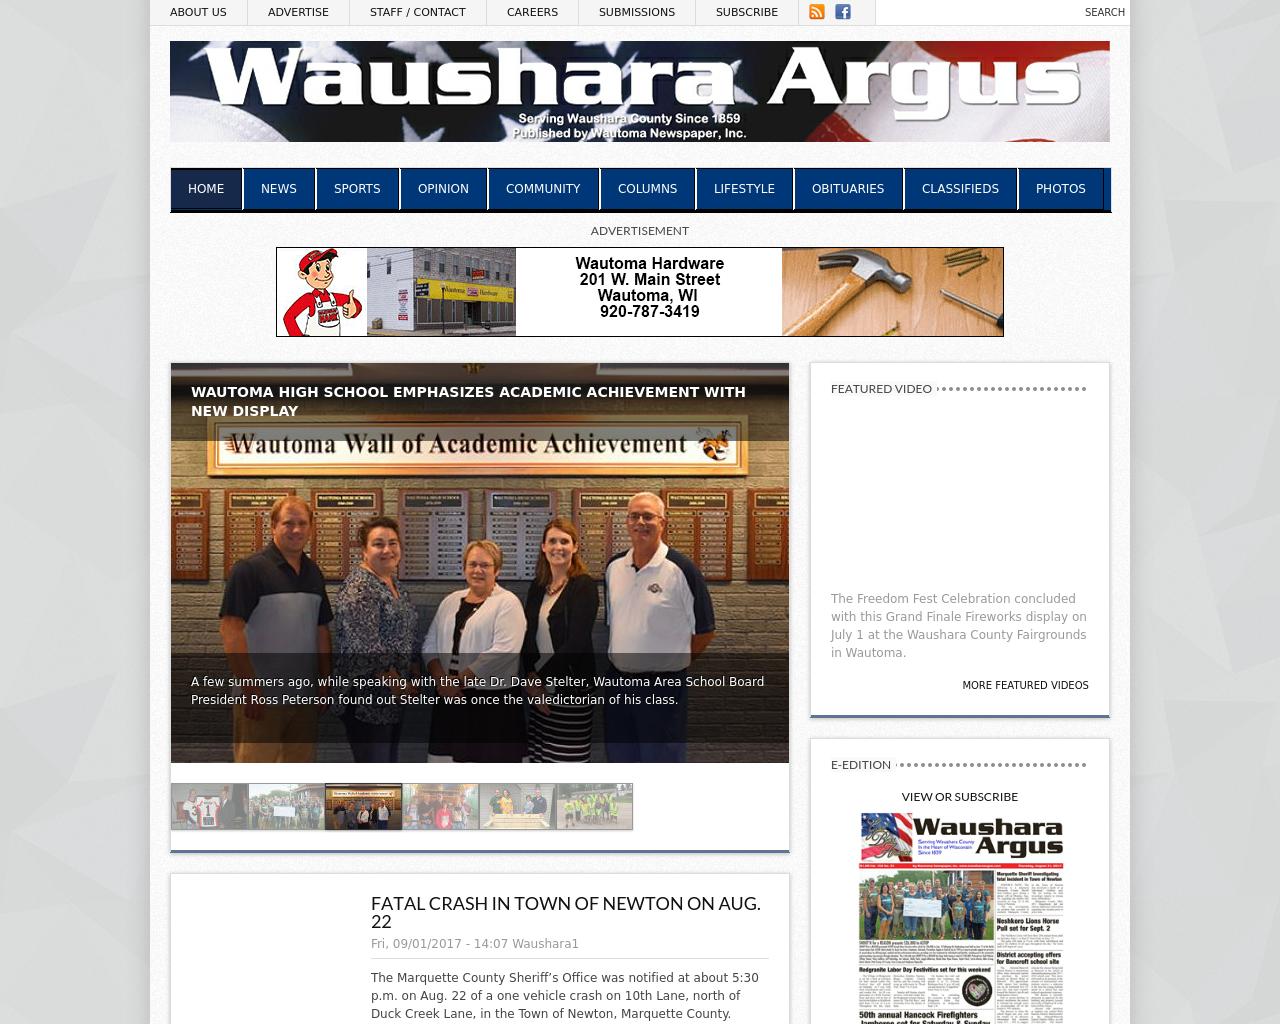 Waushara-Argus-Advertising-Reviews-Pricing